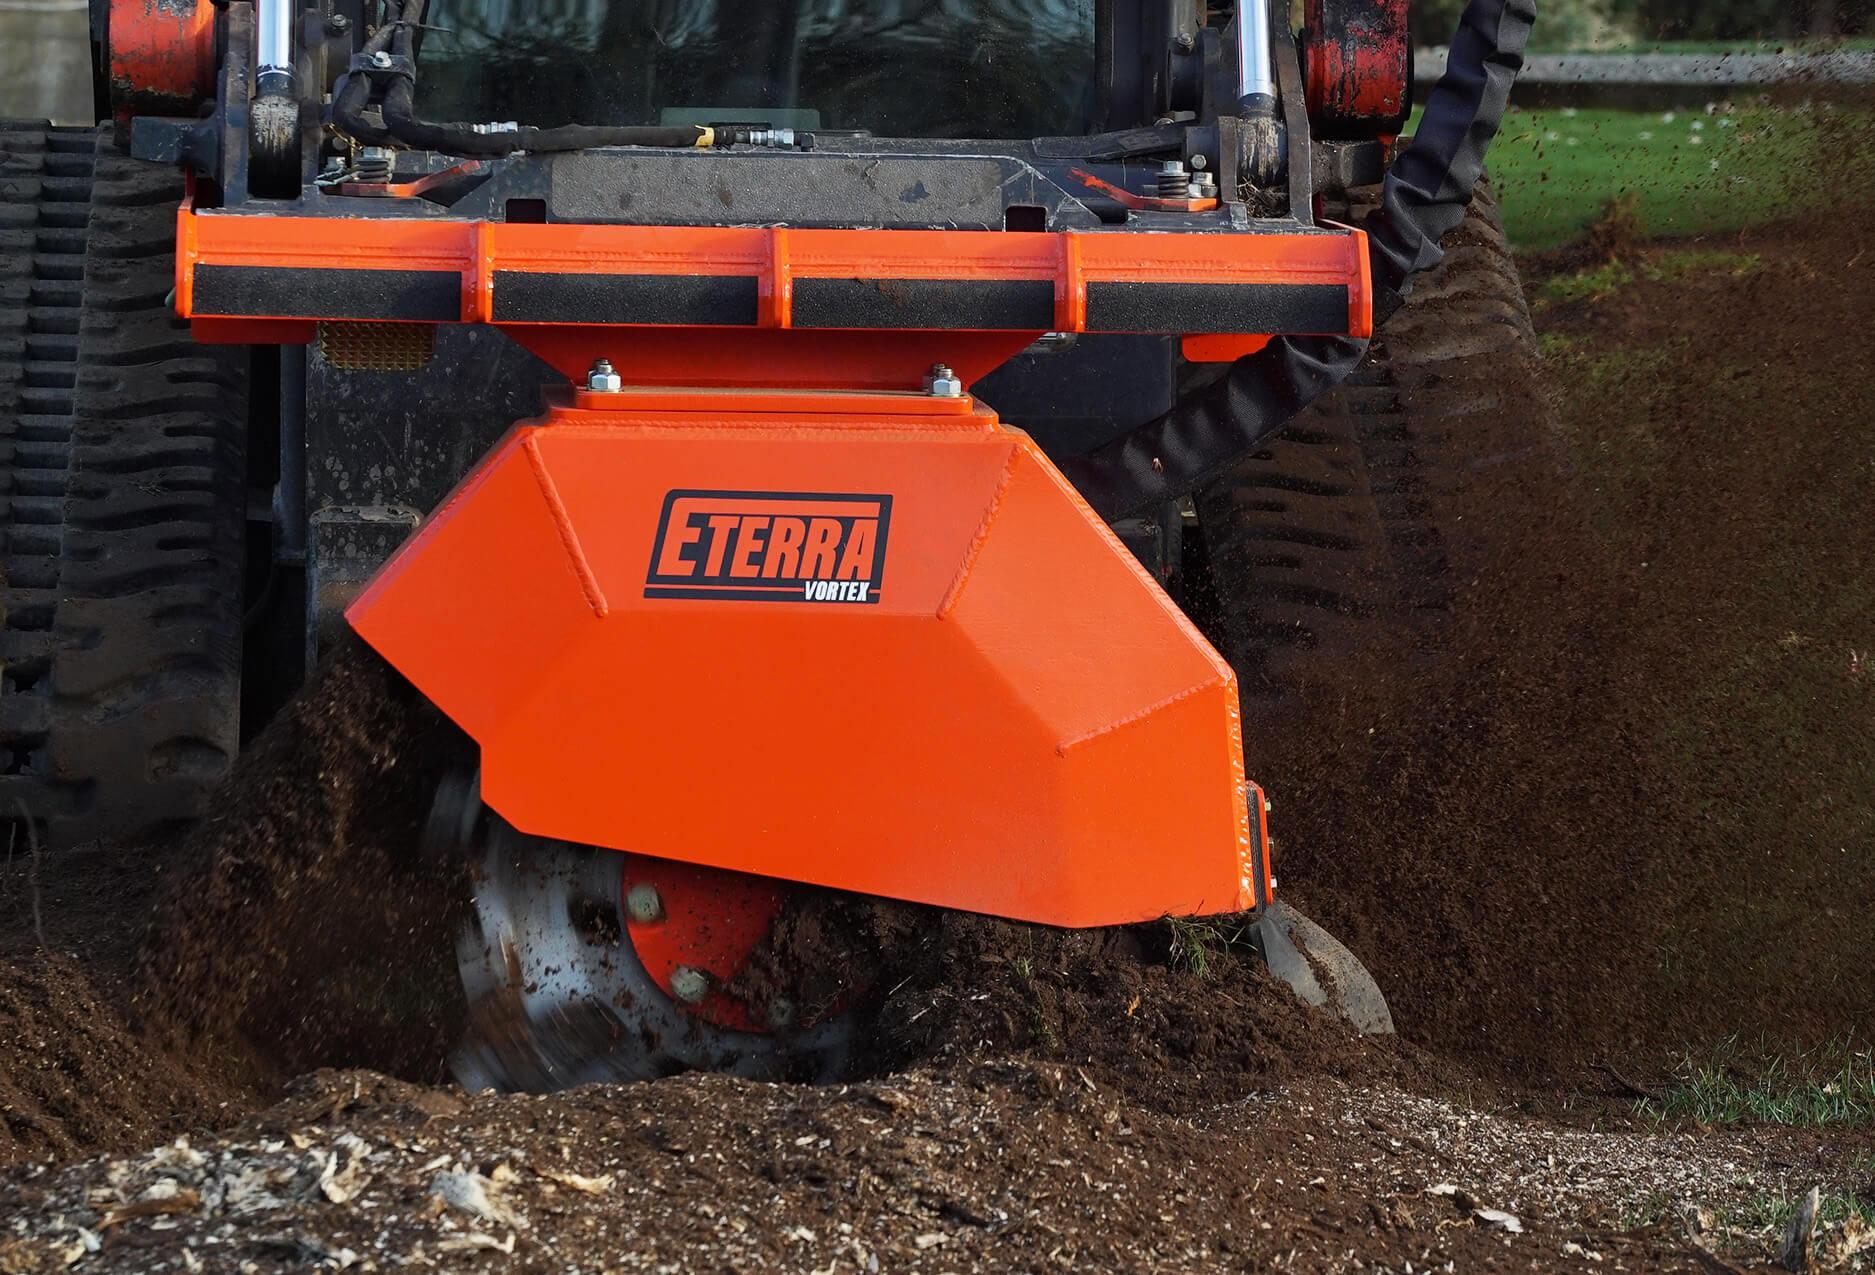 Skid Steer stump grinder Vortex action dirt